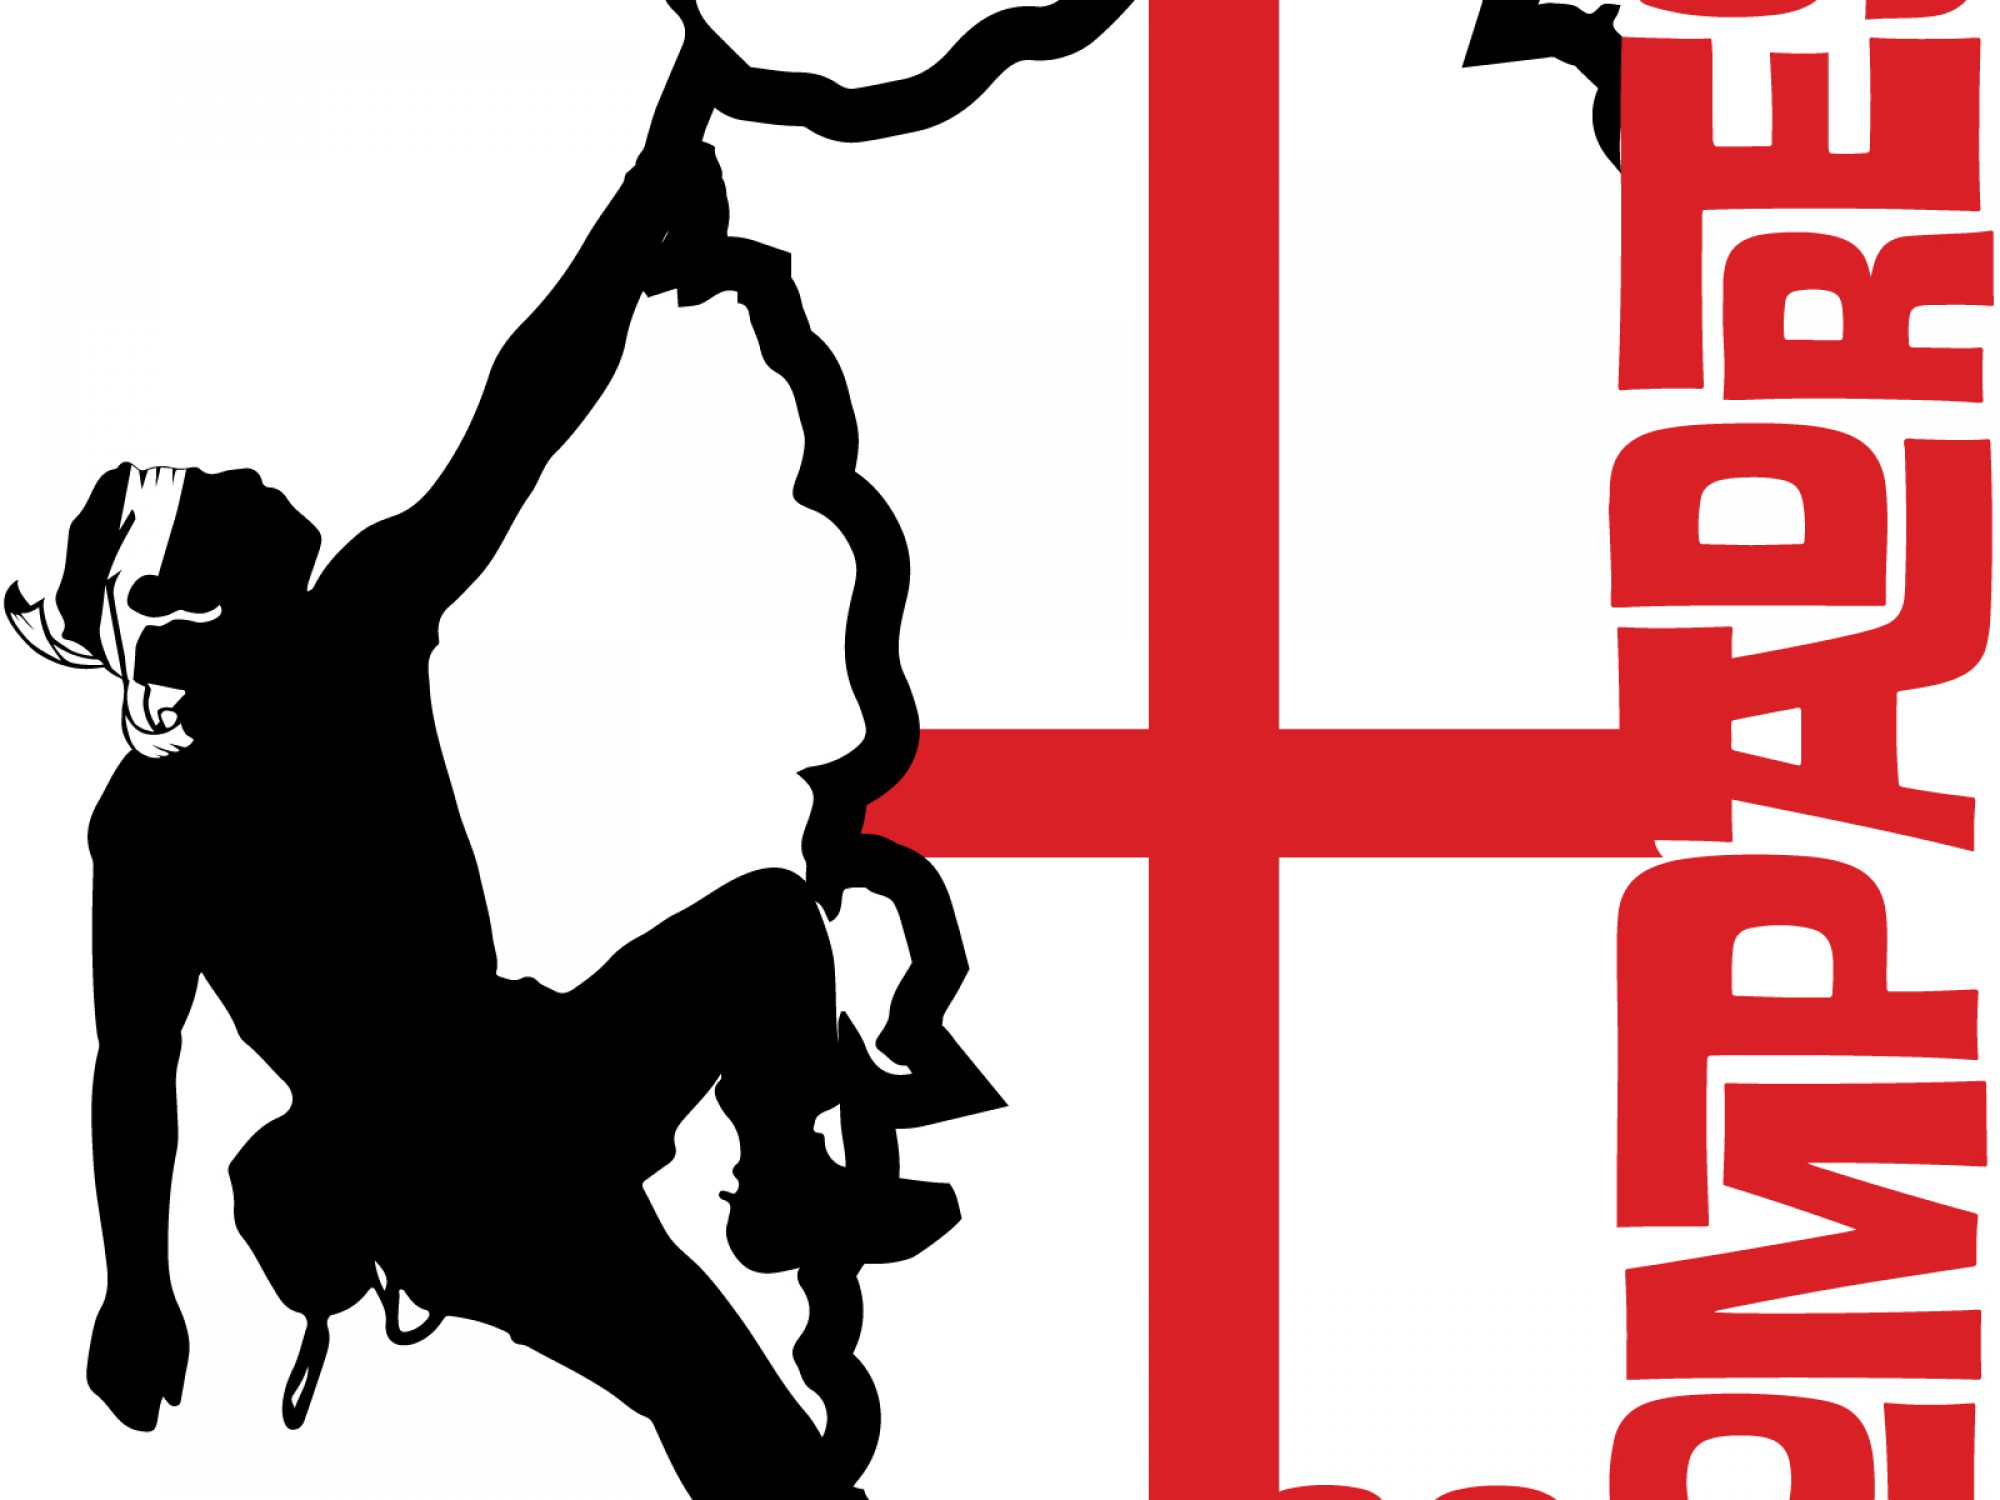 Logo for climbing team